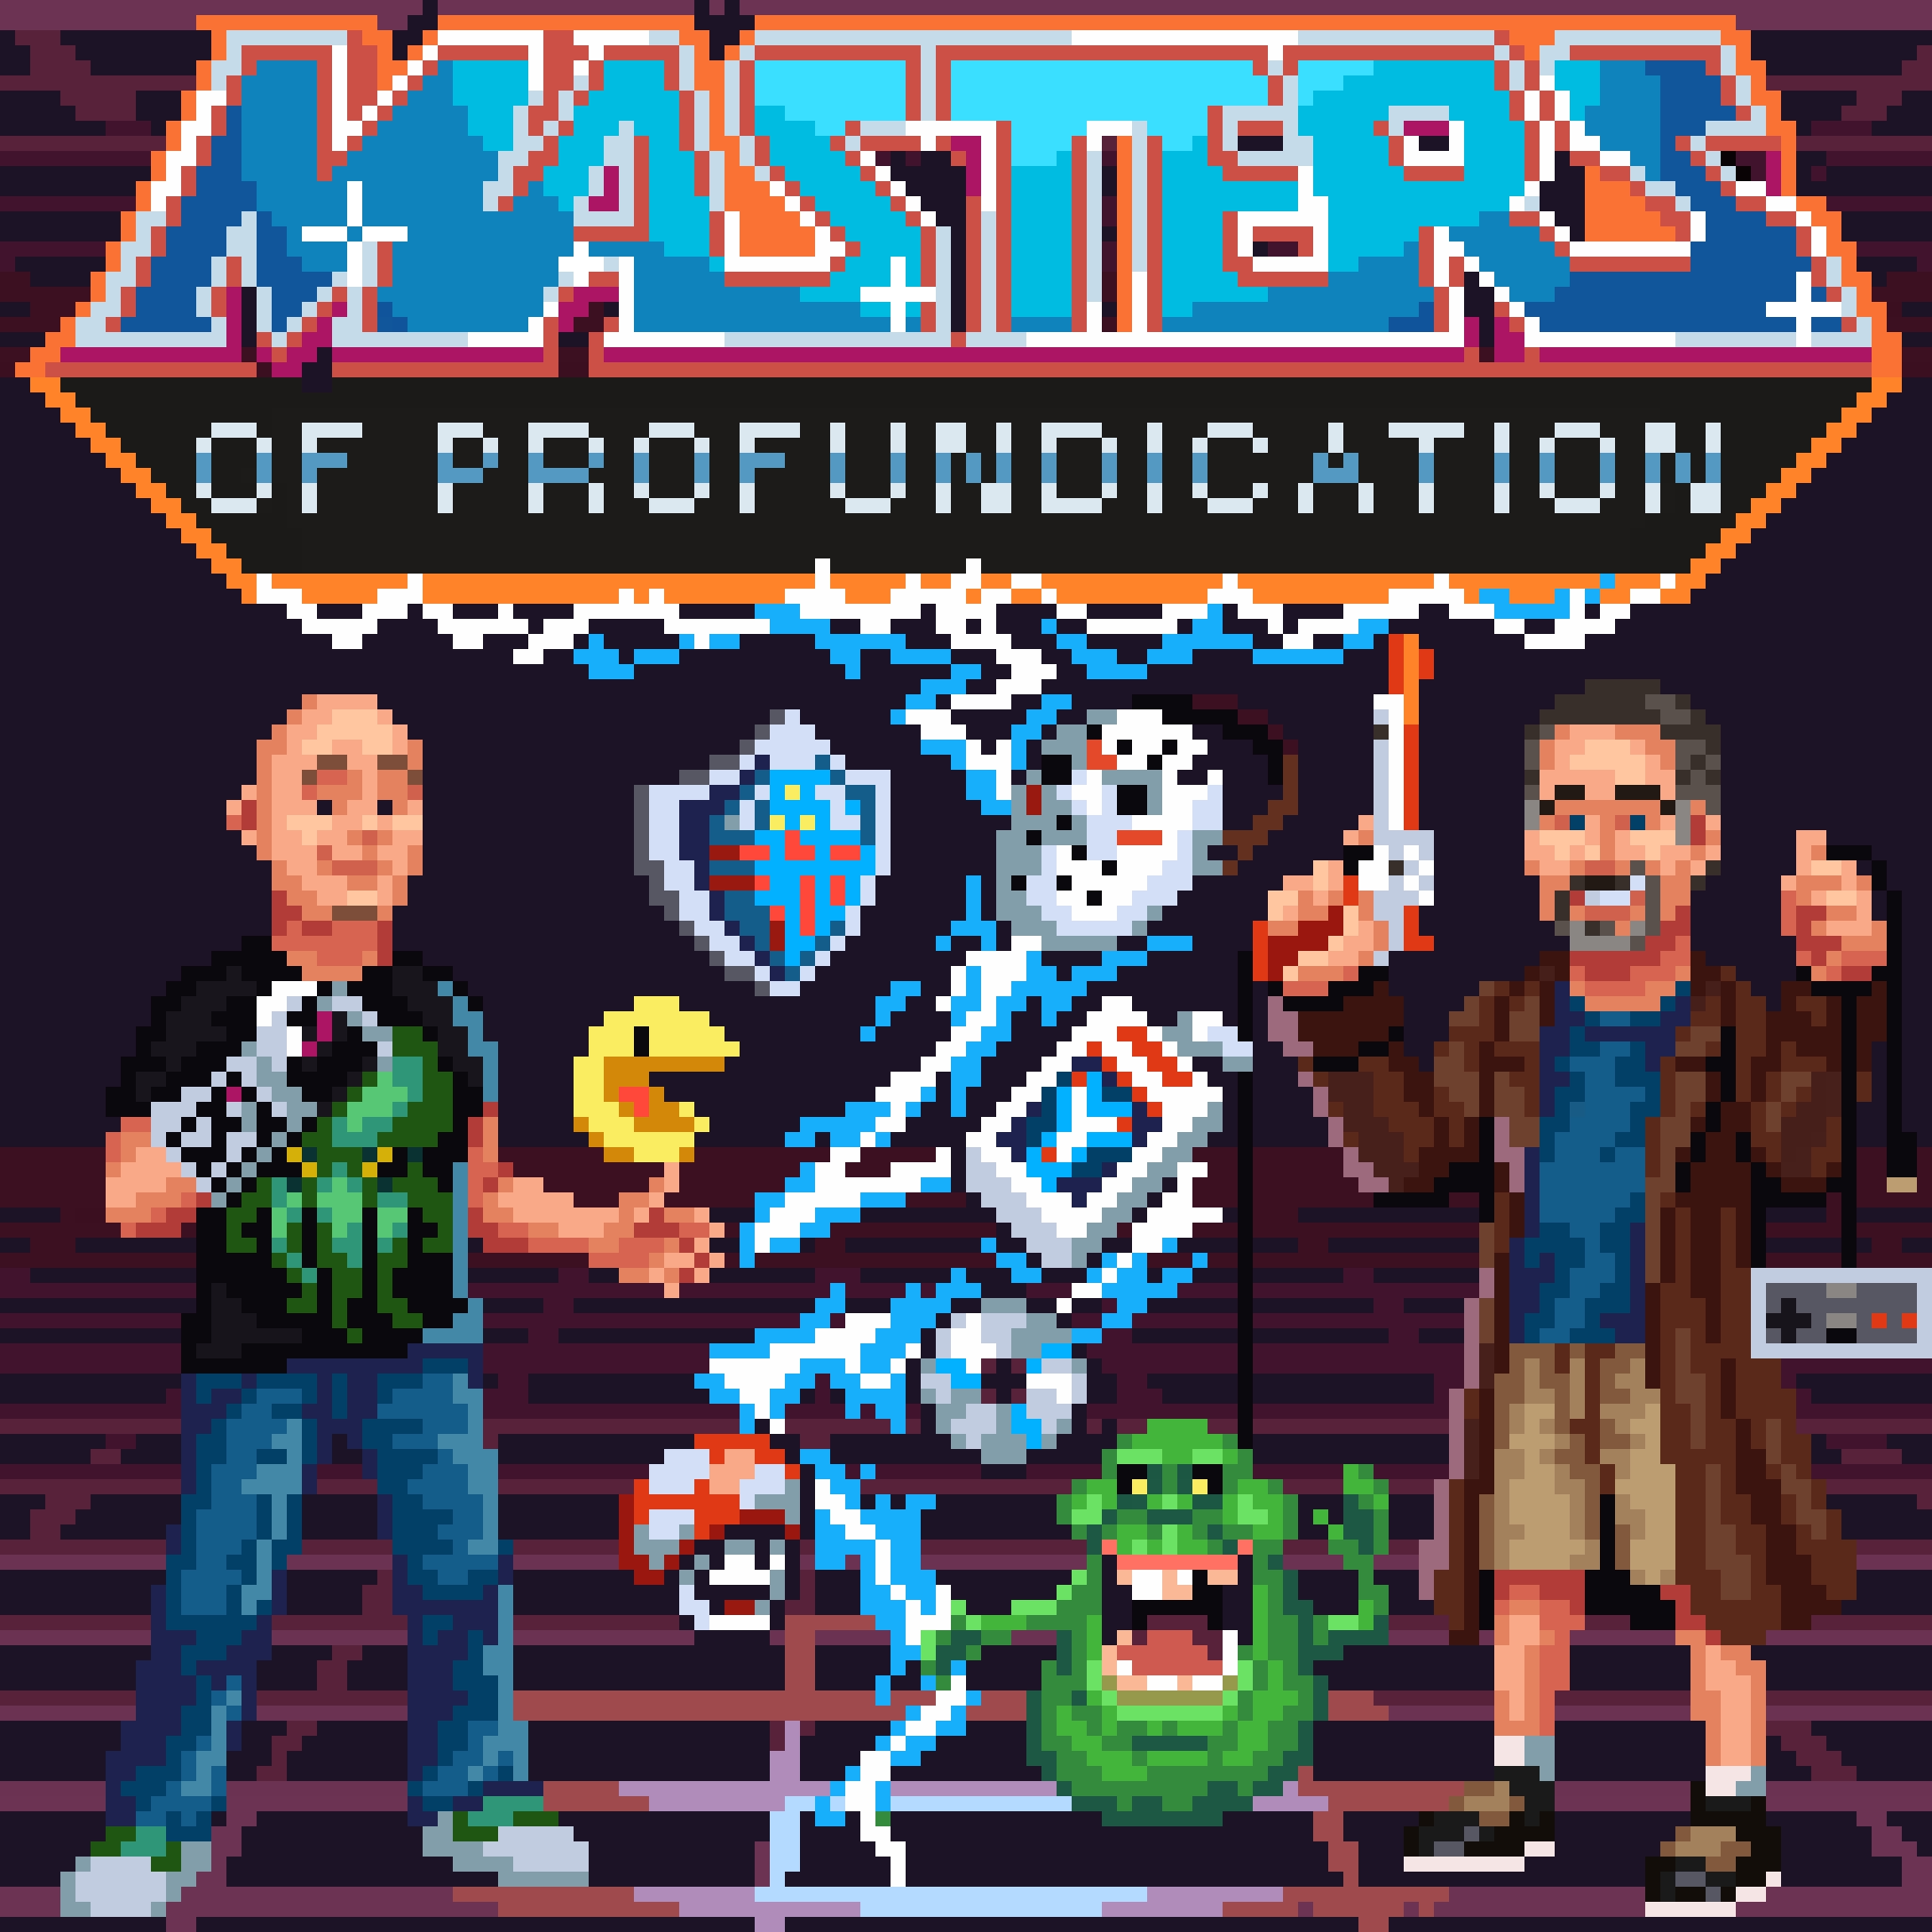 Masters of Profundication Podcast